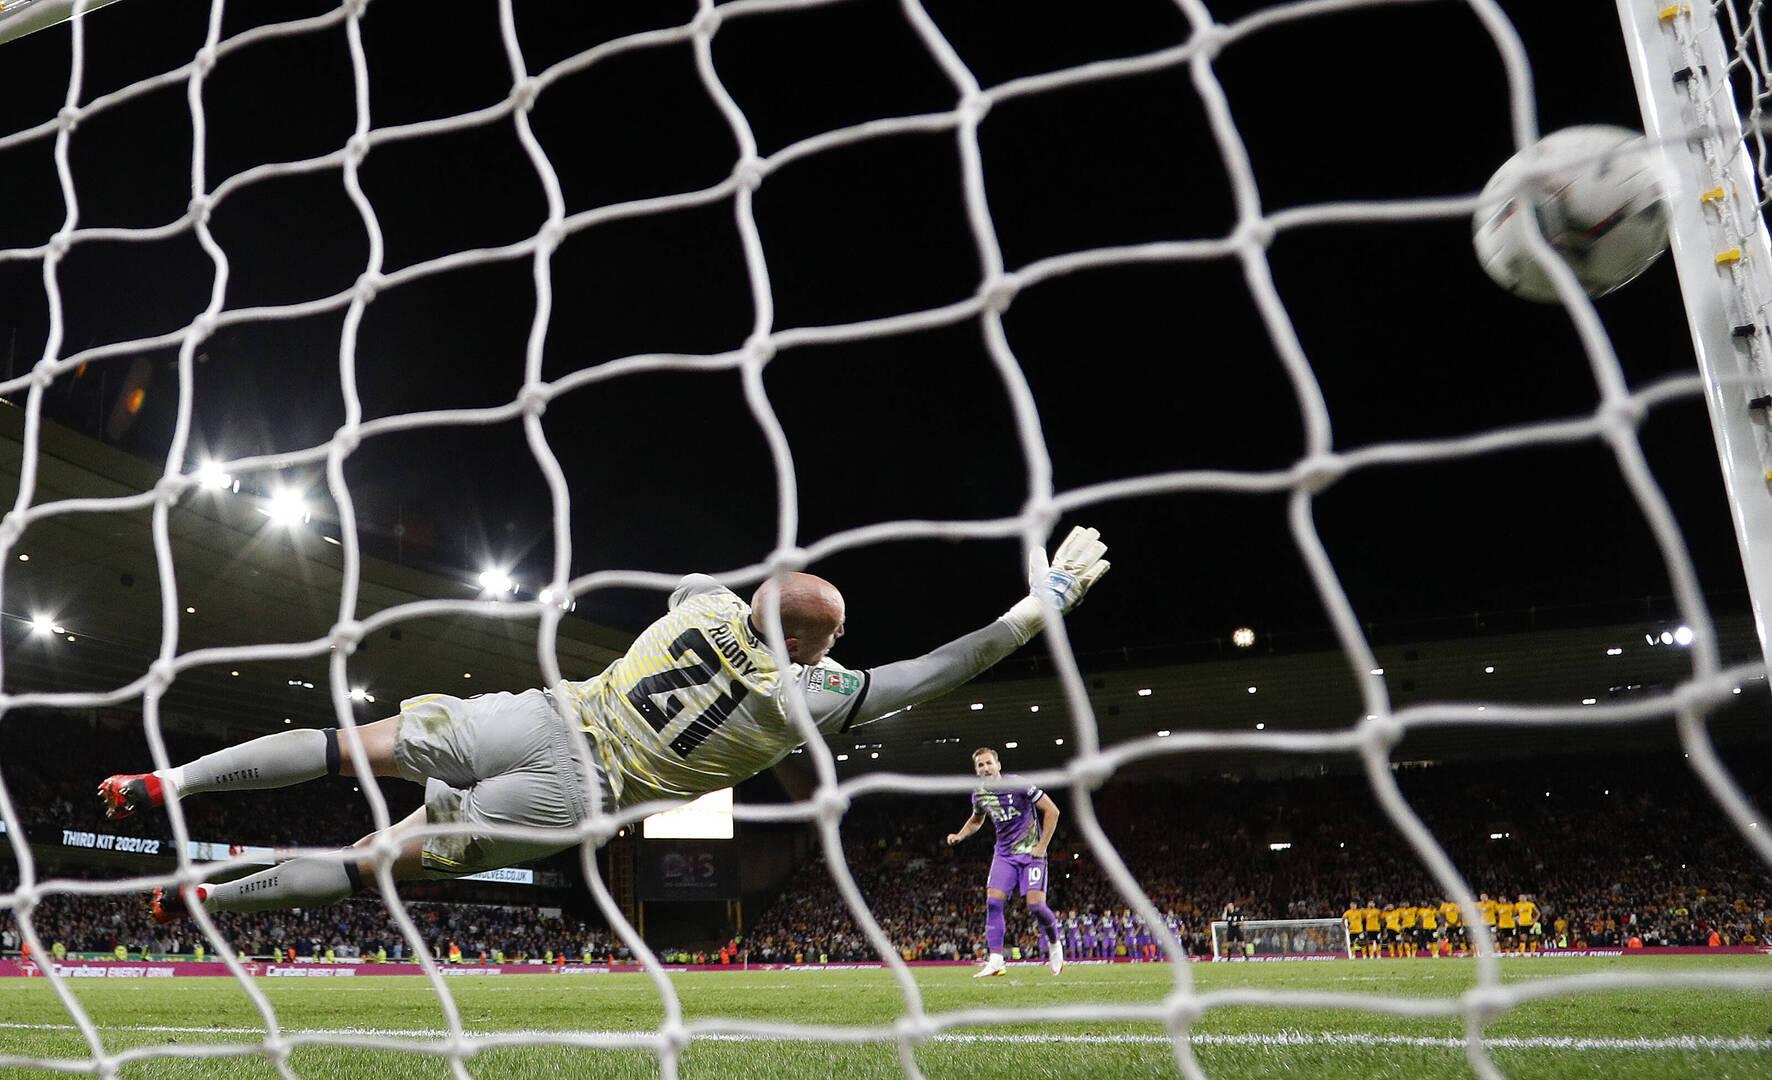 قرعة كأس رابطة الأندية الإنجليزية.. مواجهات صعبة لمانشستر سيتي وتشيلسي